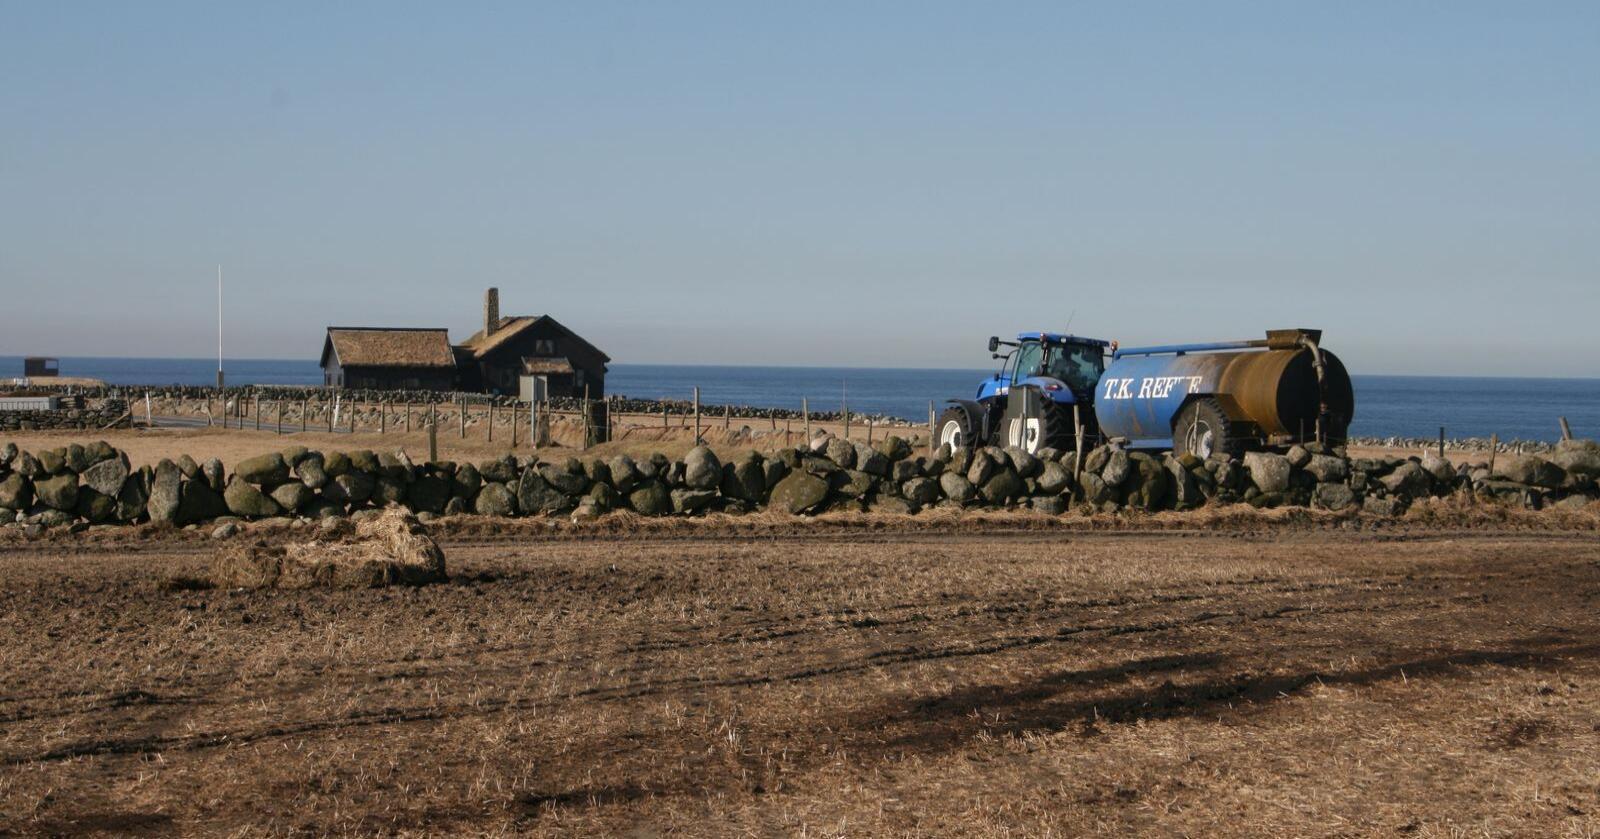 Nye reglar for plantevernmiddel gjer at landbruksarealet kan nyttast betre. Foto: Bjarne Bekkeheien Aase